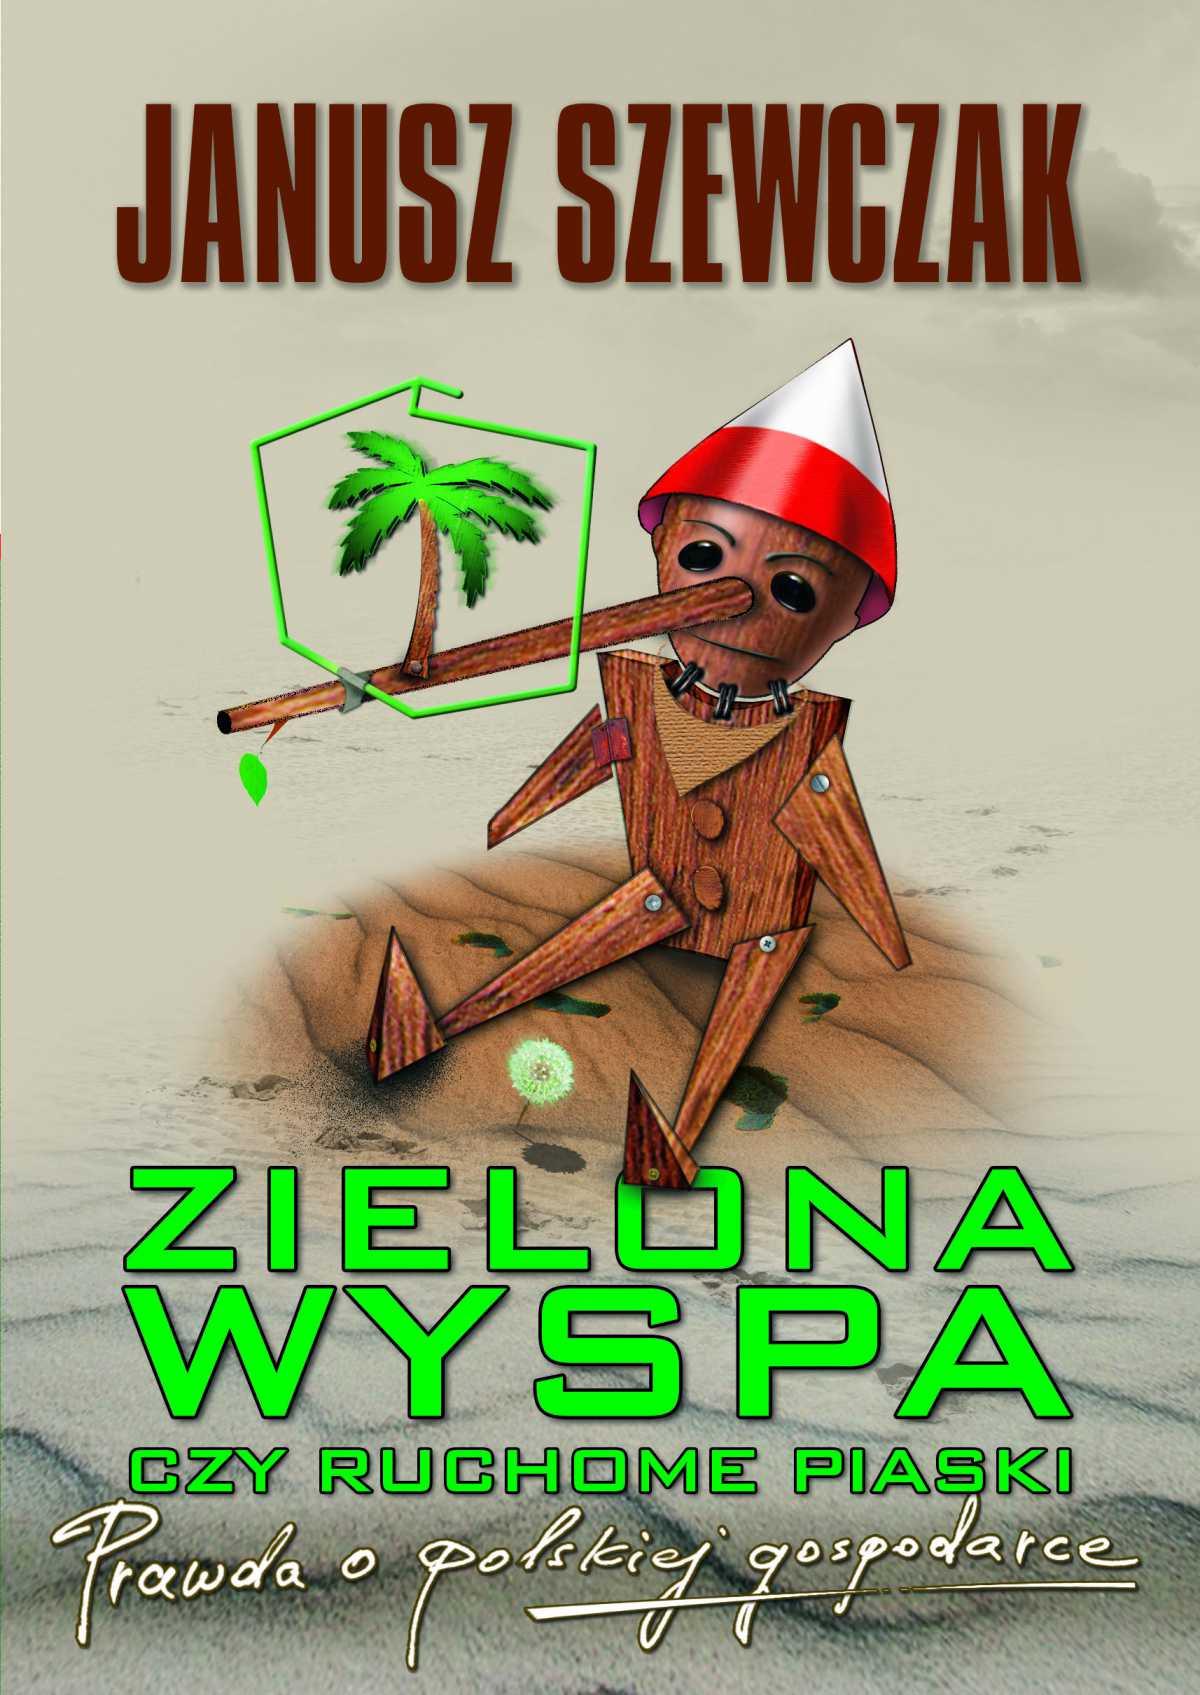 Zielona wyspa czy ruchome piaski. Prawda o polskiej gospodarce - Ebook (Książka na Kindle) do pobrania w formacie MOBI